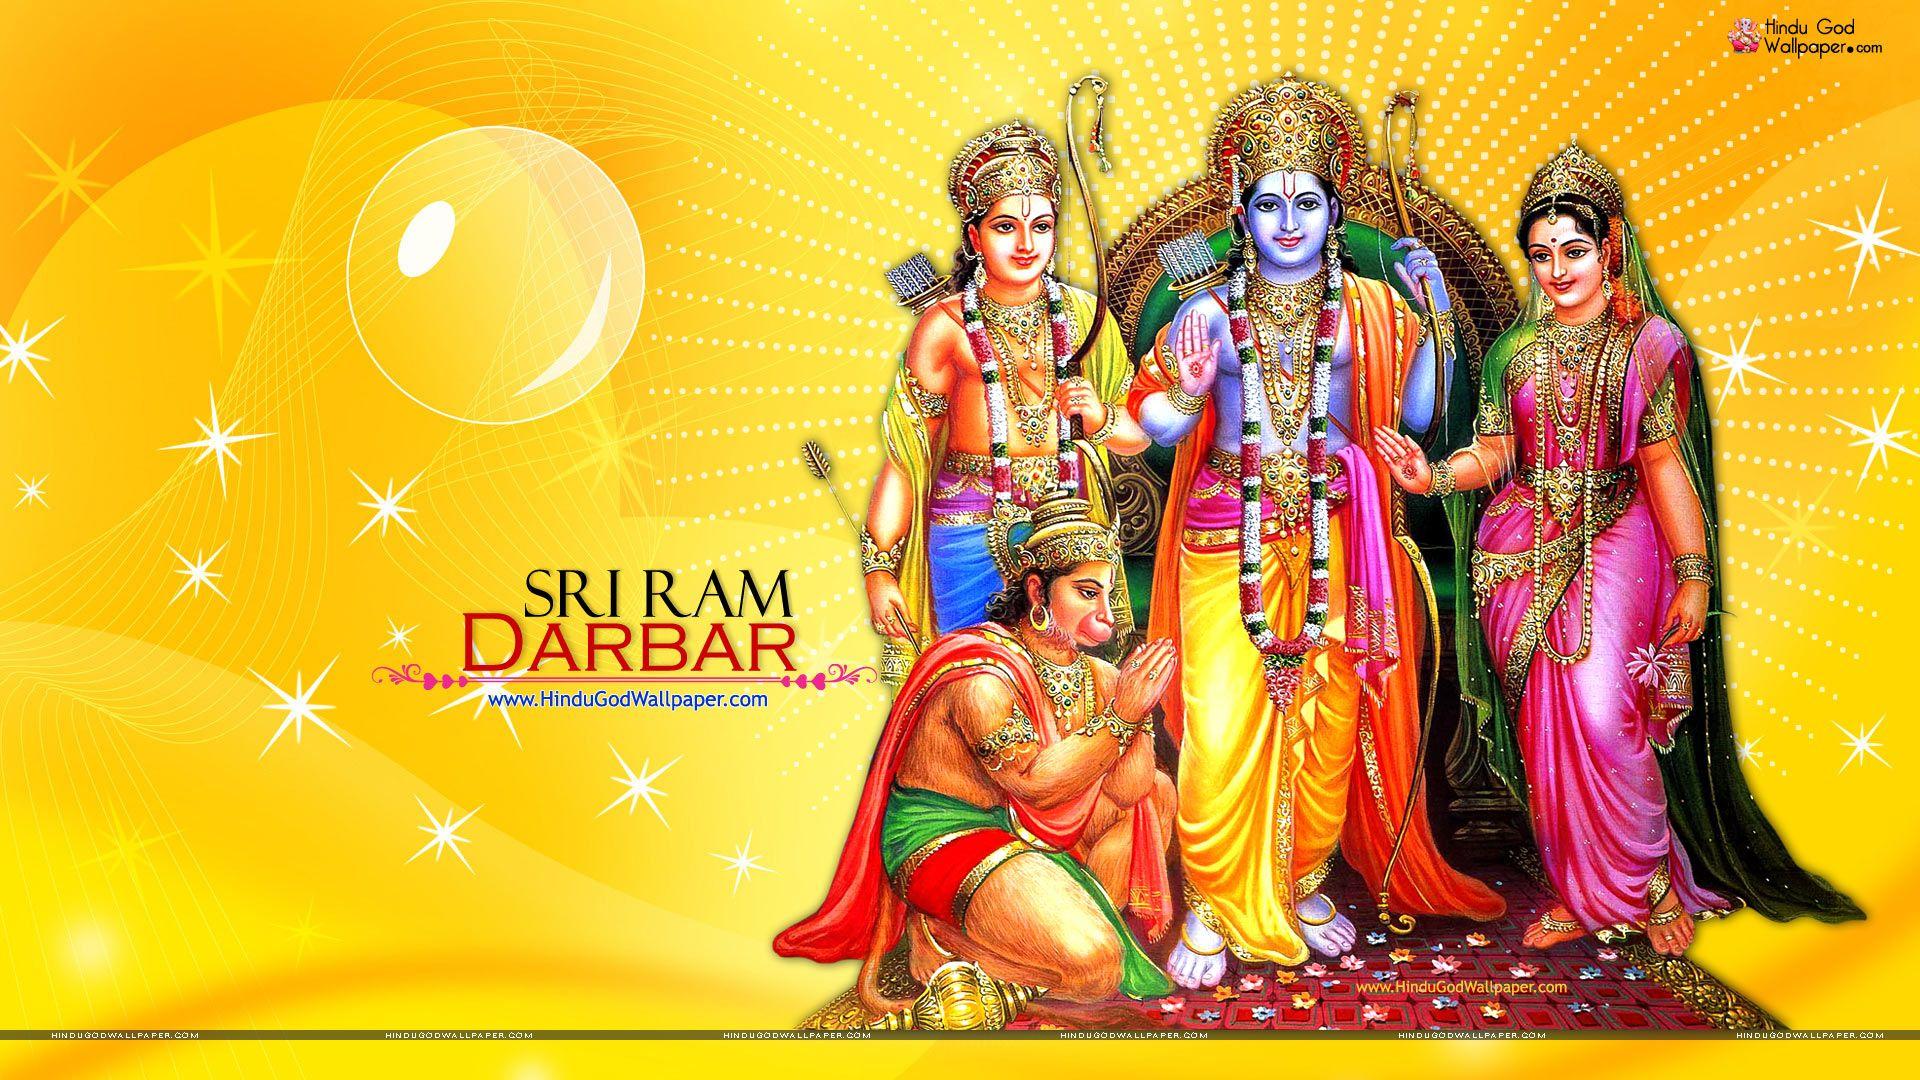 Shri Ram Darbar Wallpapers Hd Free Download